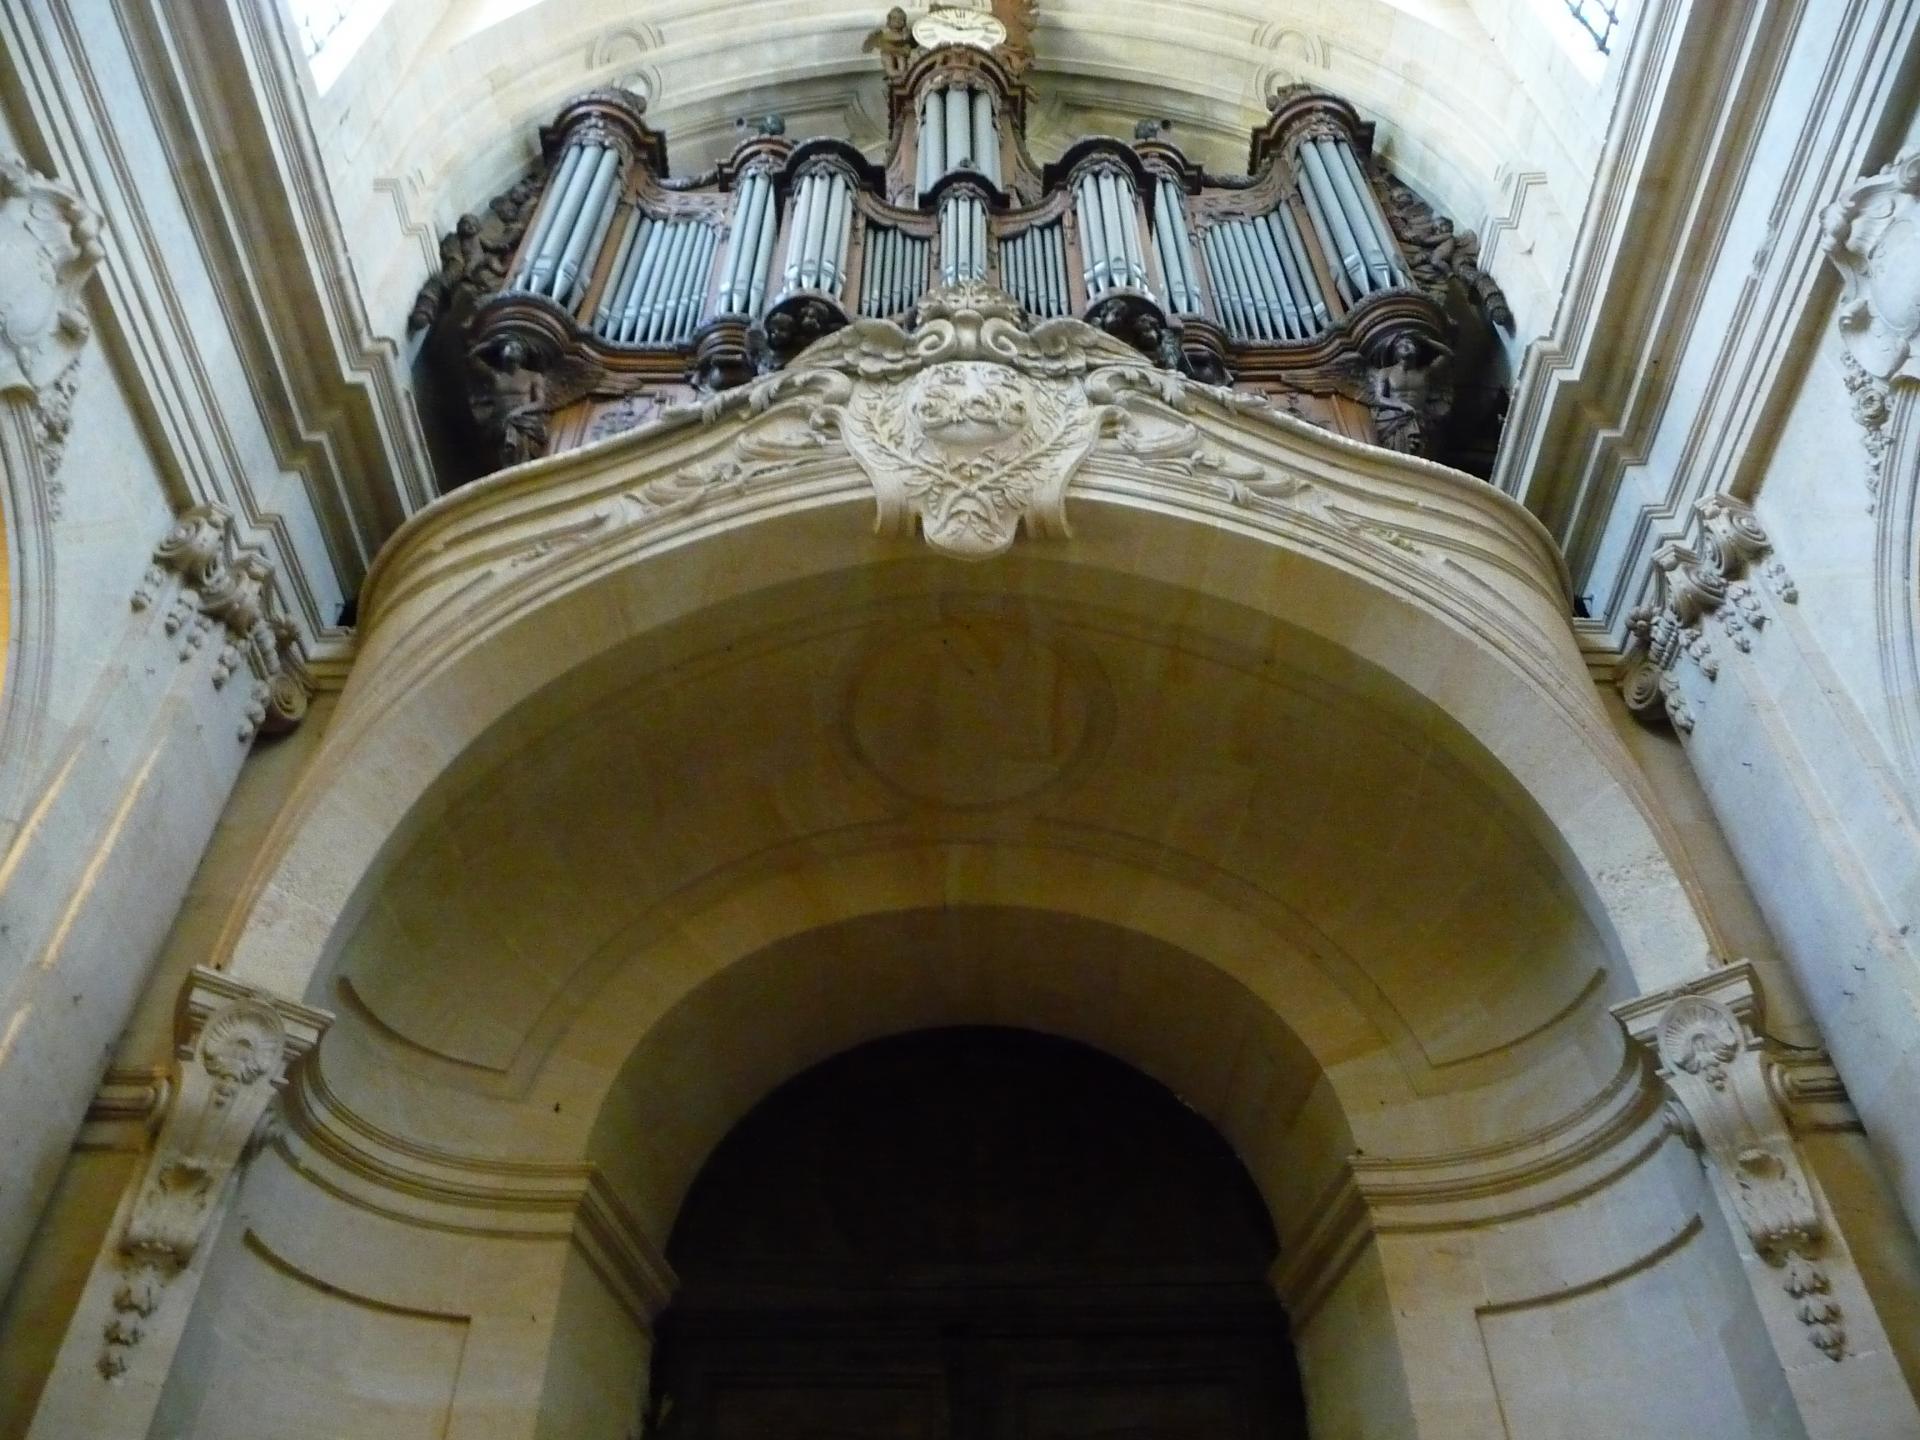 Jacques Hardouin-Mansart de Sagonne, tribune d'orgue, Saint-Louis de Versailles, vers 1750, cl. Ph. Cachau